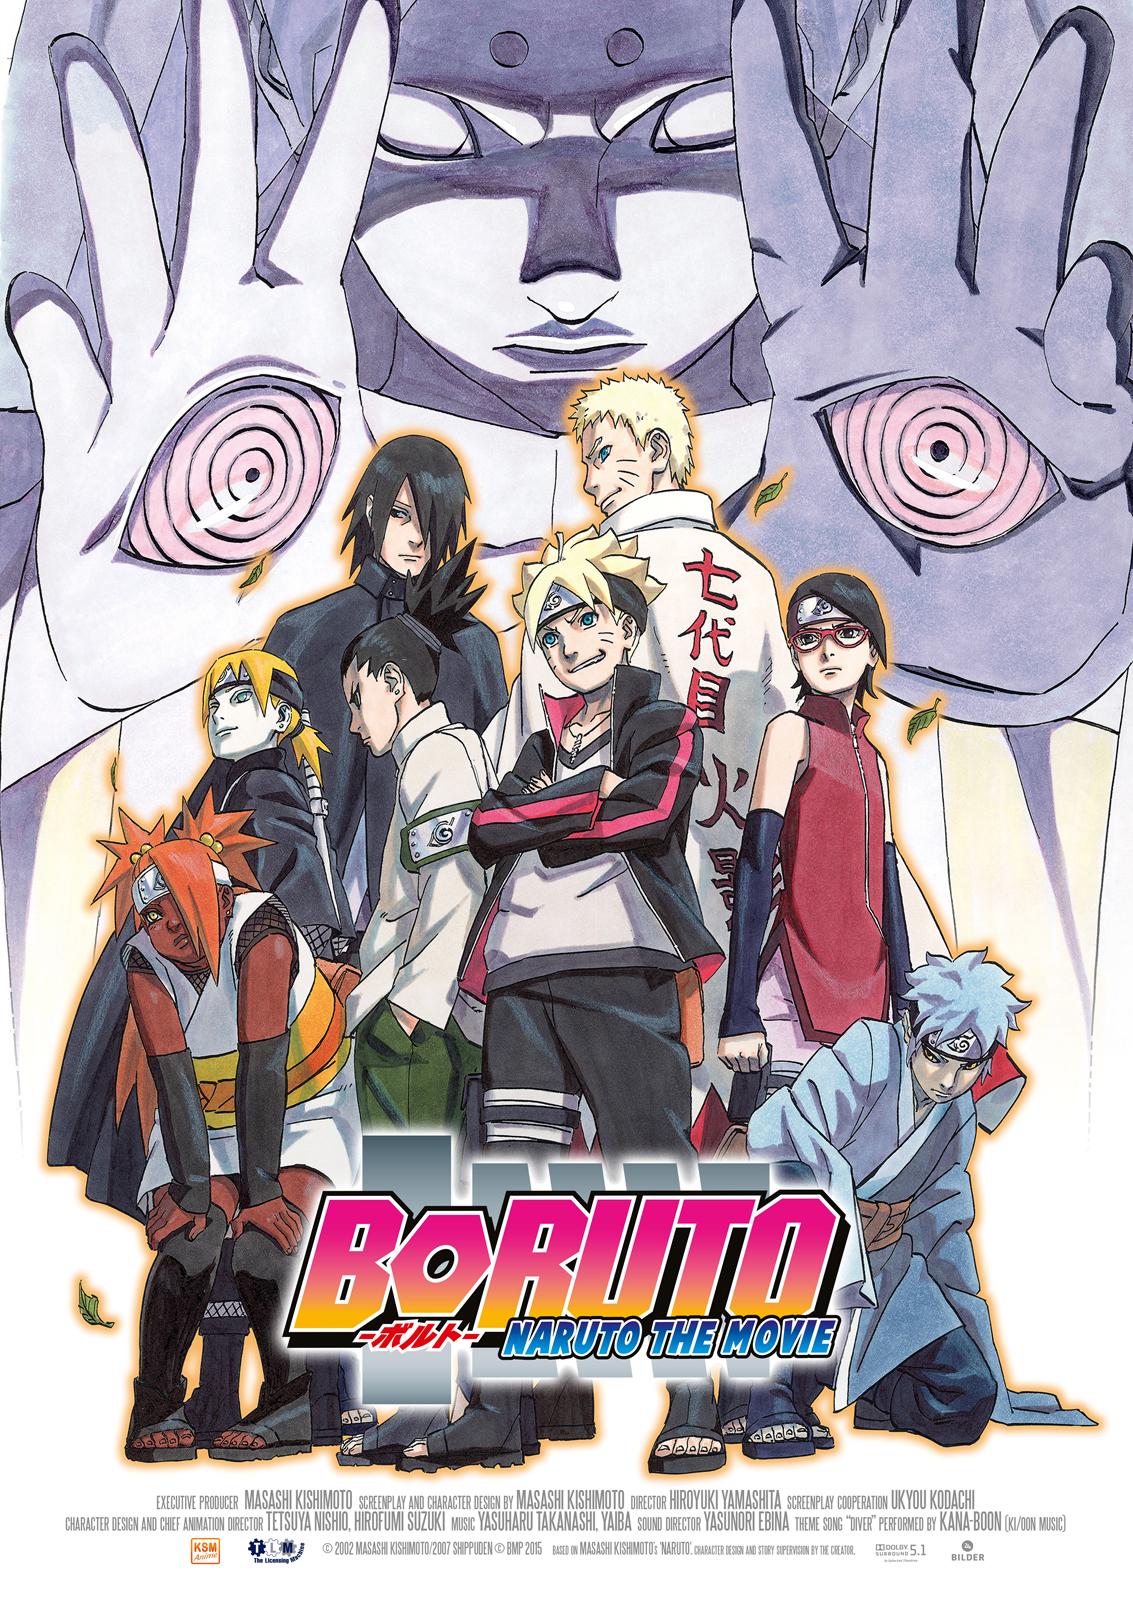 Boruto: Naruto The Movie - Film 2015 - FILMSTARTS.de